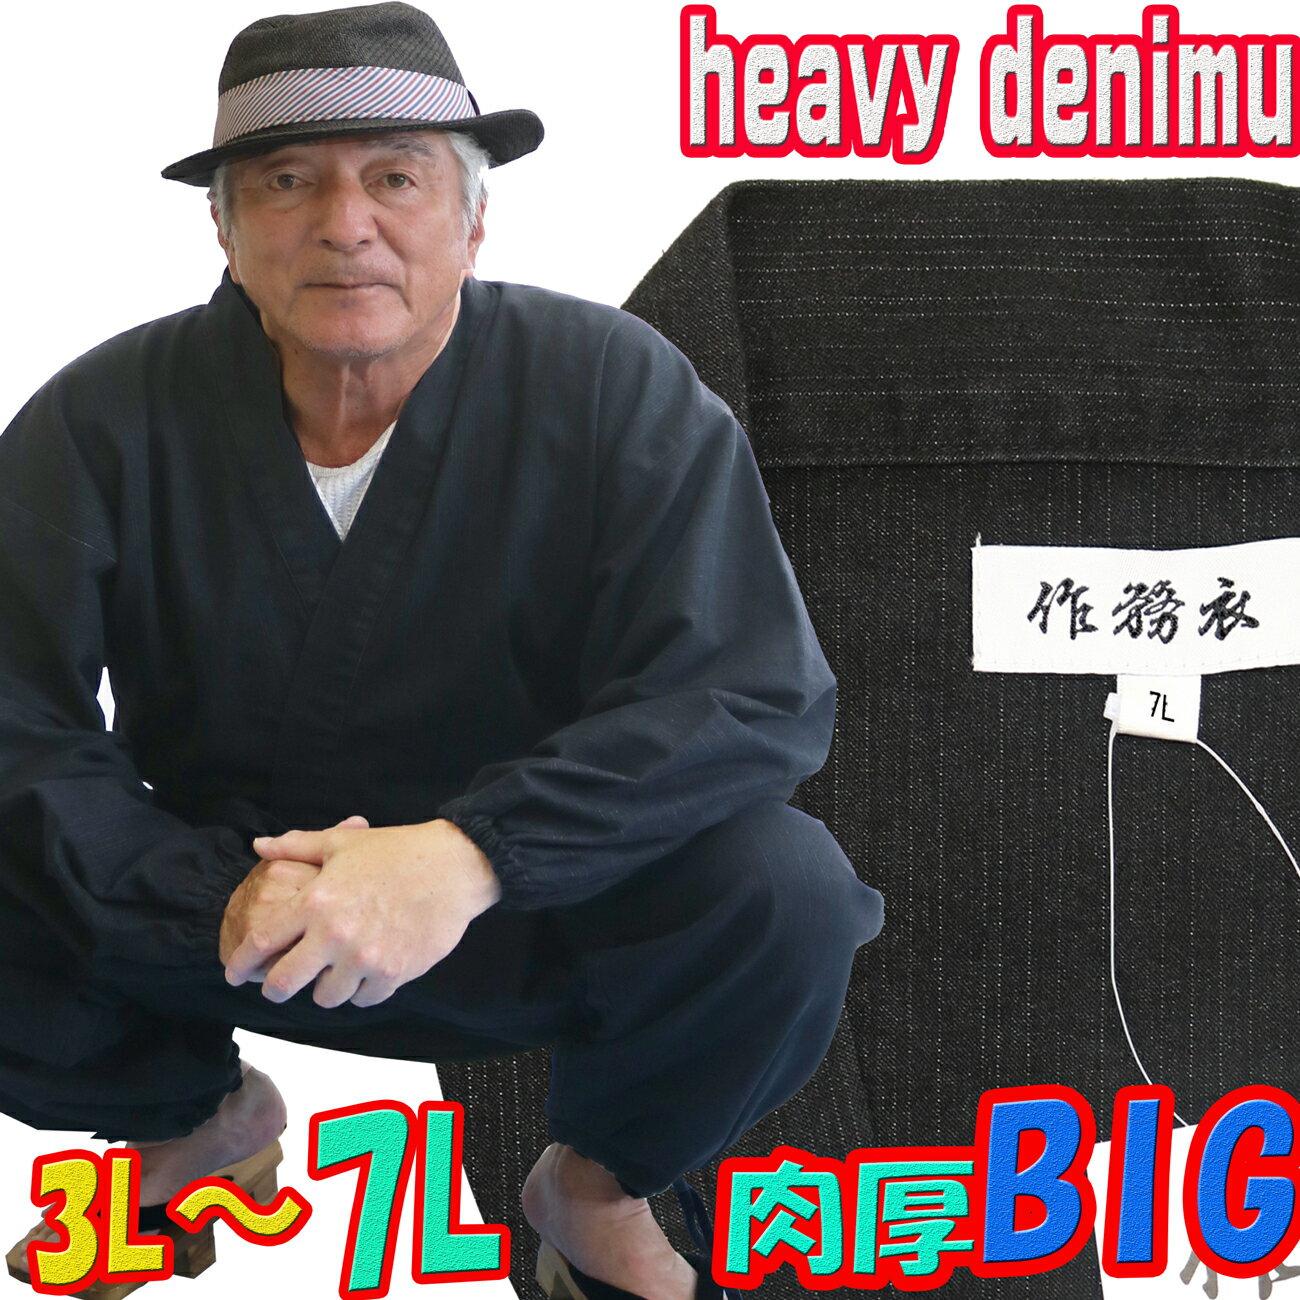 作務衣 メンズ さむえ 4L 5L 6L 7L 筒袖 紳士 和服 厚手 デニム 10オンス 男性 大きい キングサイズ 筒袖 紳士 和服 厚手